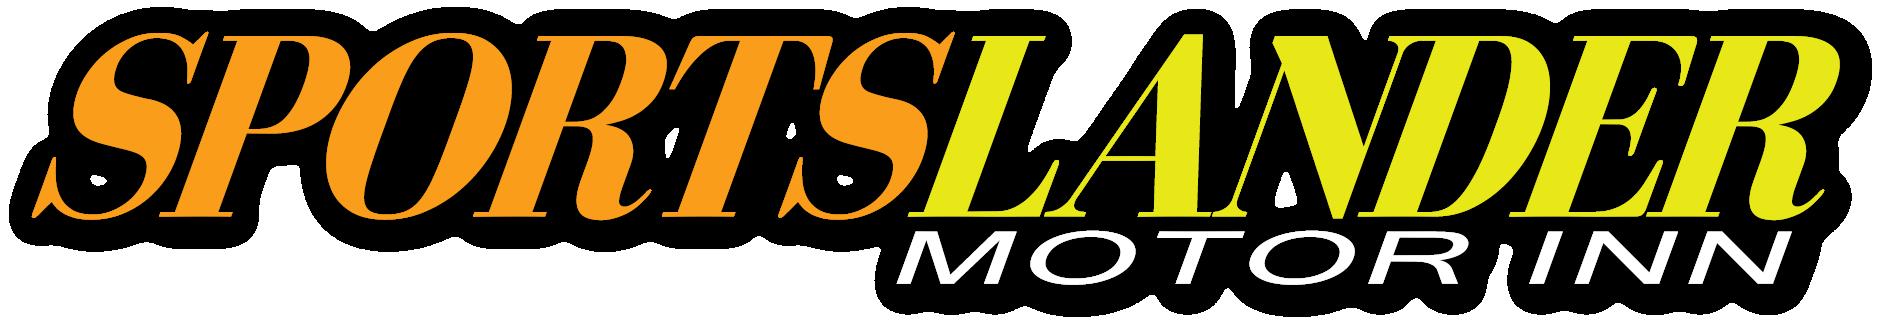 Sportslander-Logo-Header